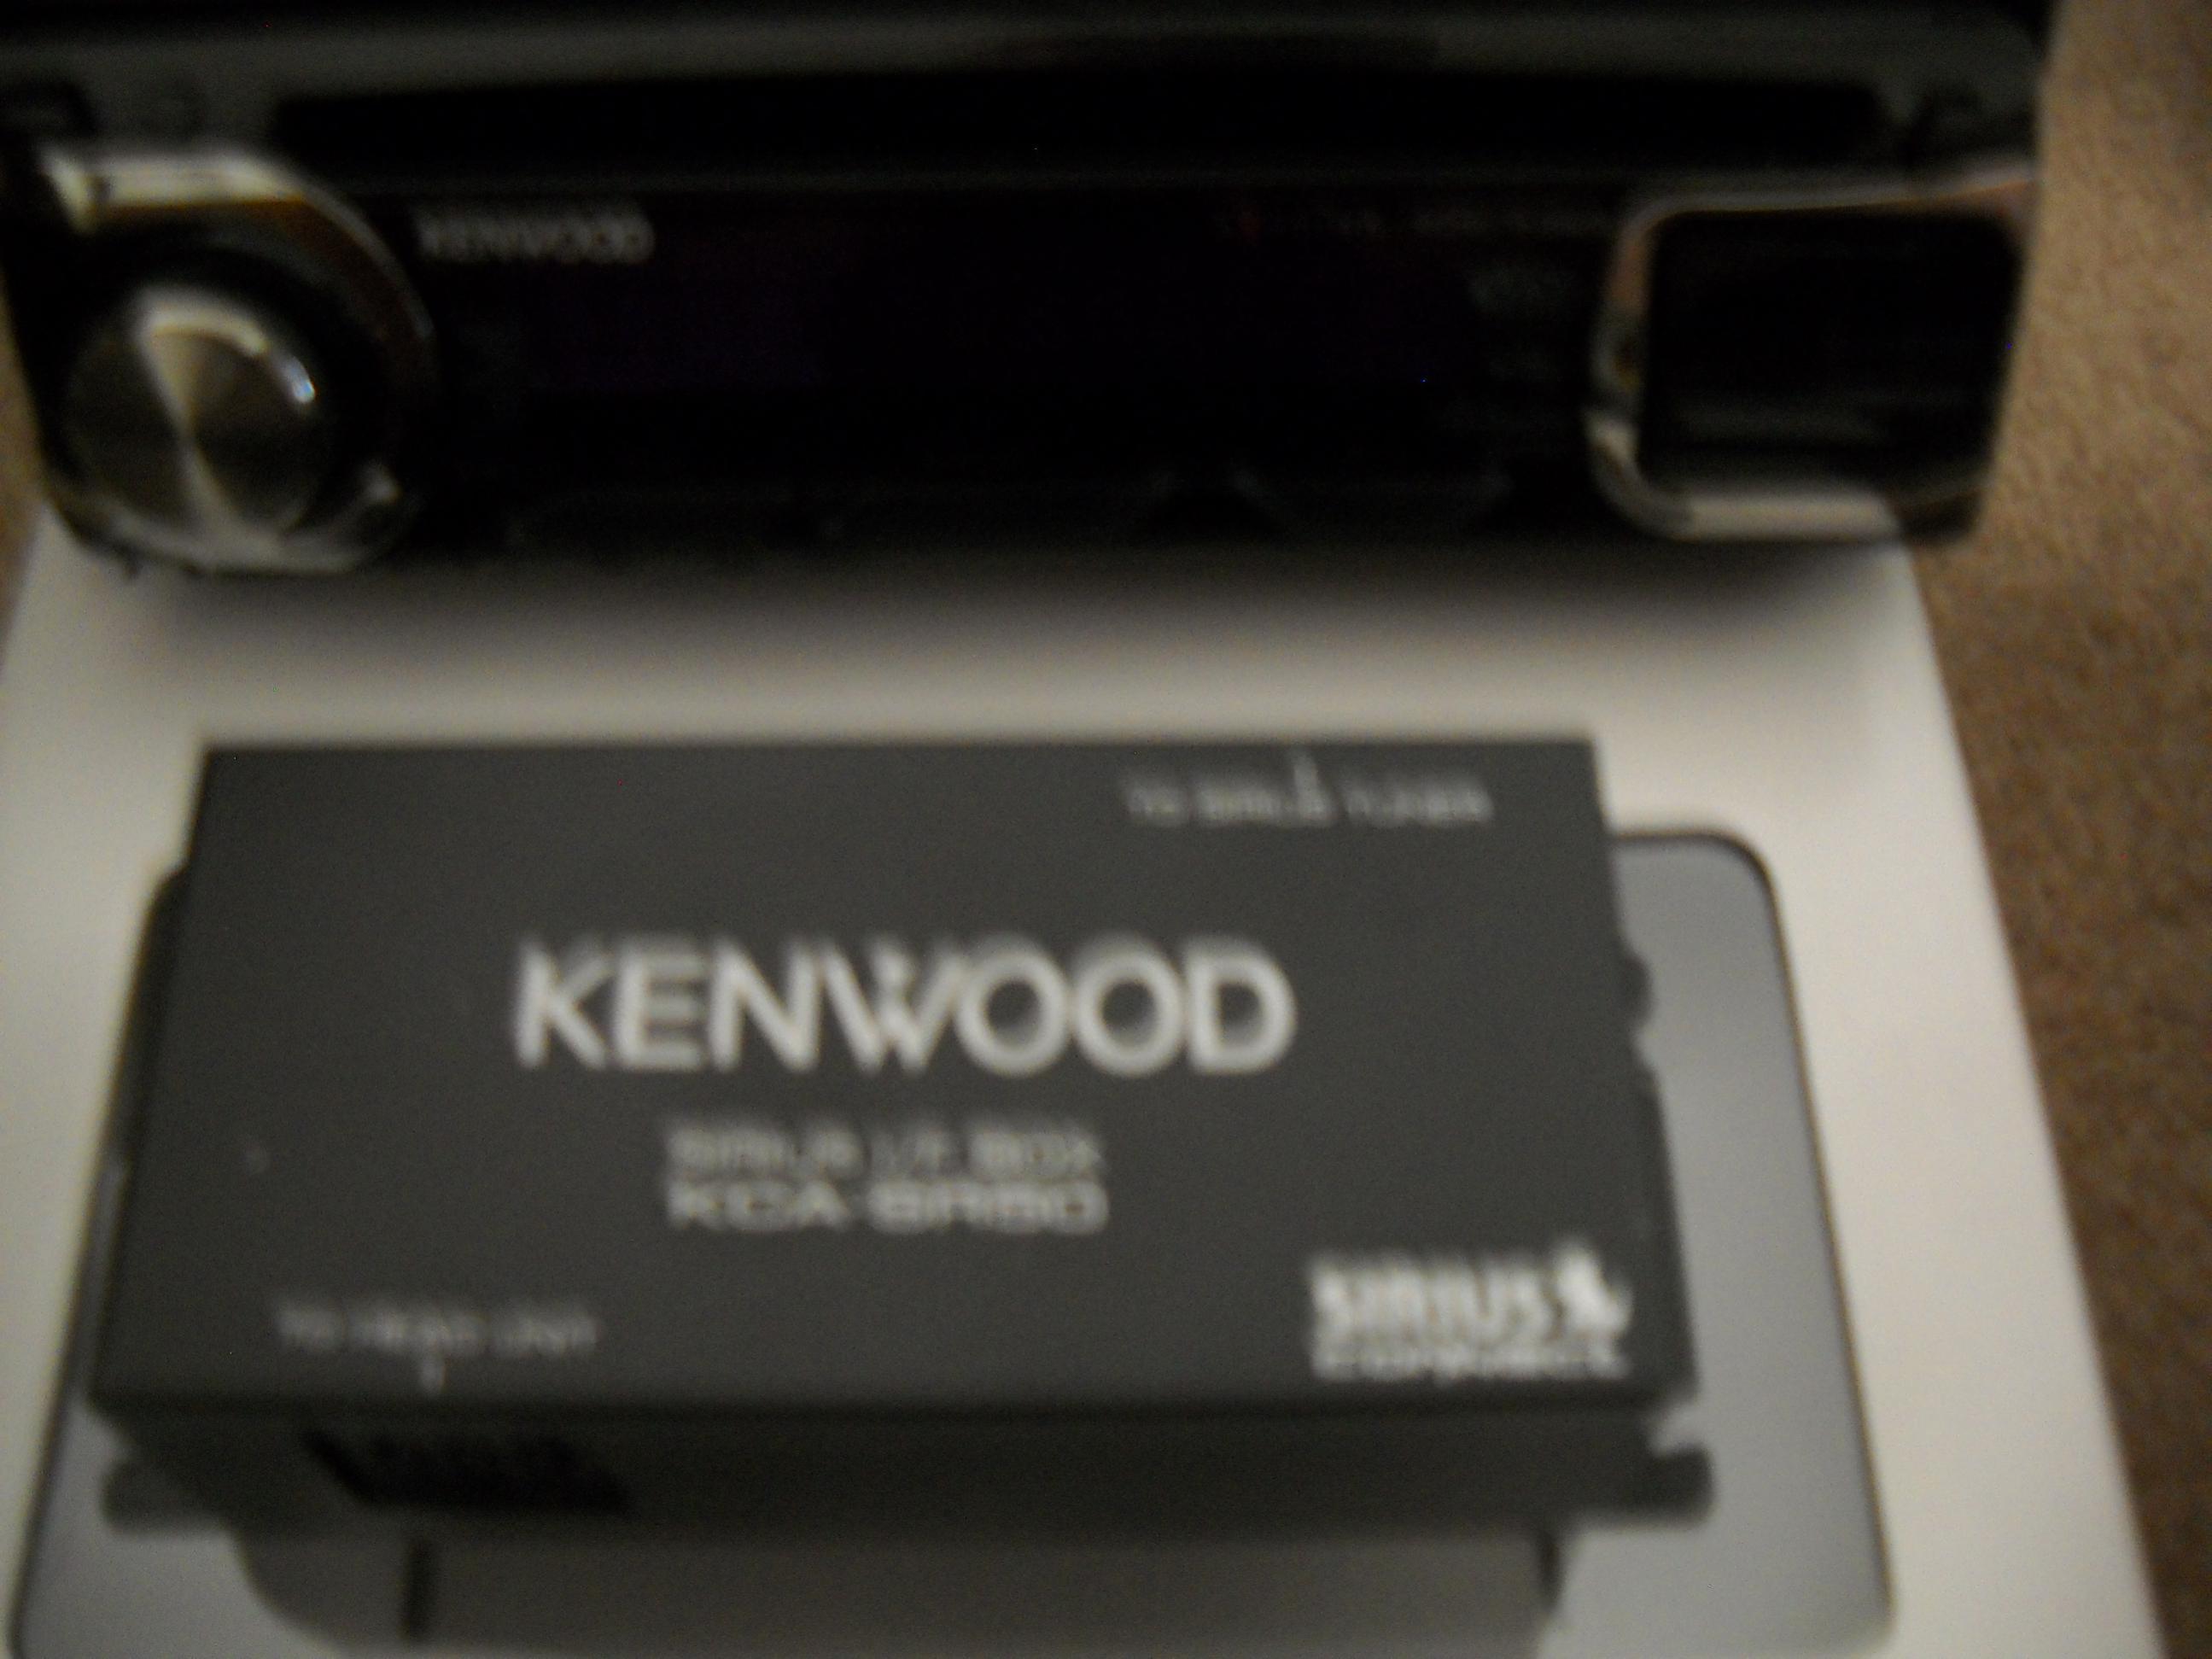 kenwood kdc x493 wiring diagram kenwood model kdc